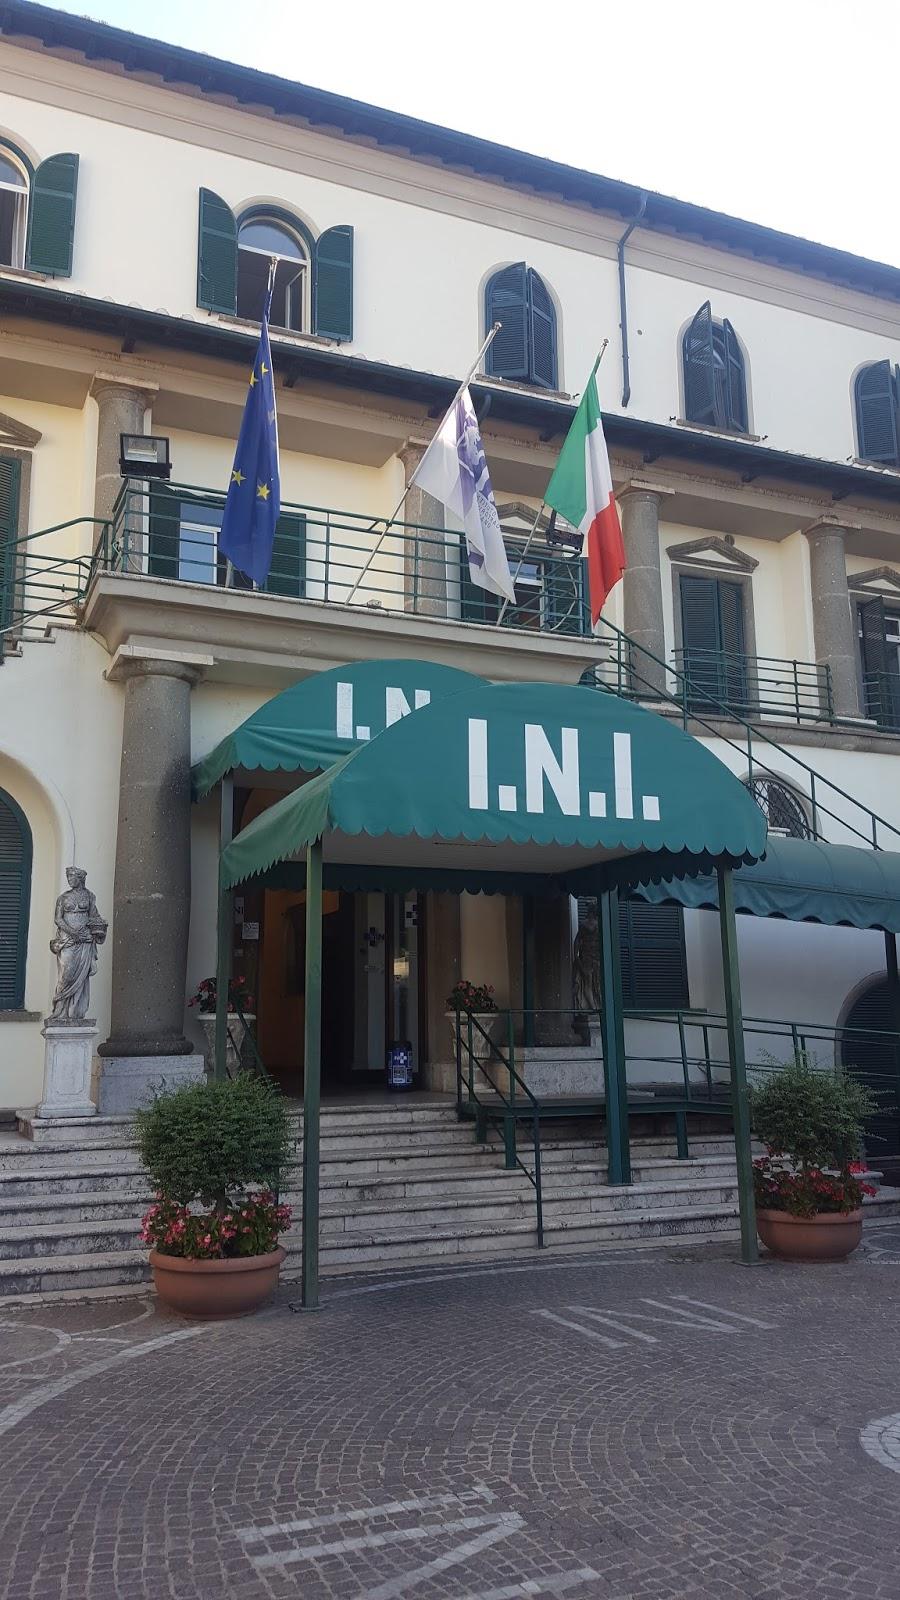 Casa di Cura INI - Istituto Neurotraumatologico Italiano